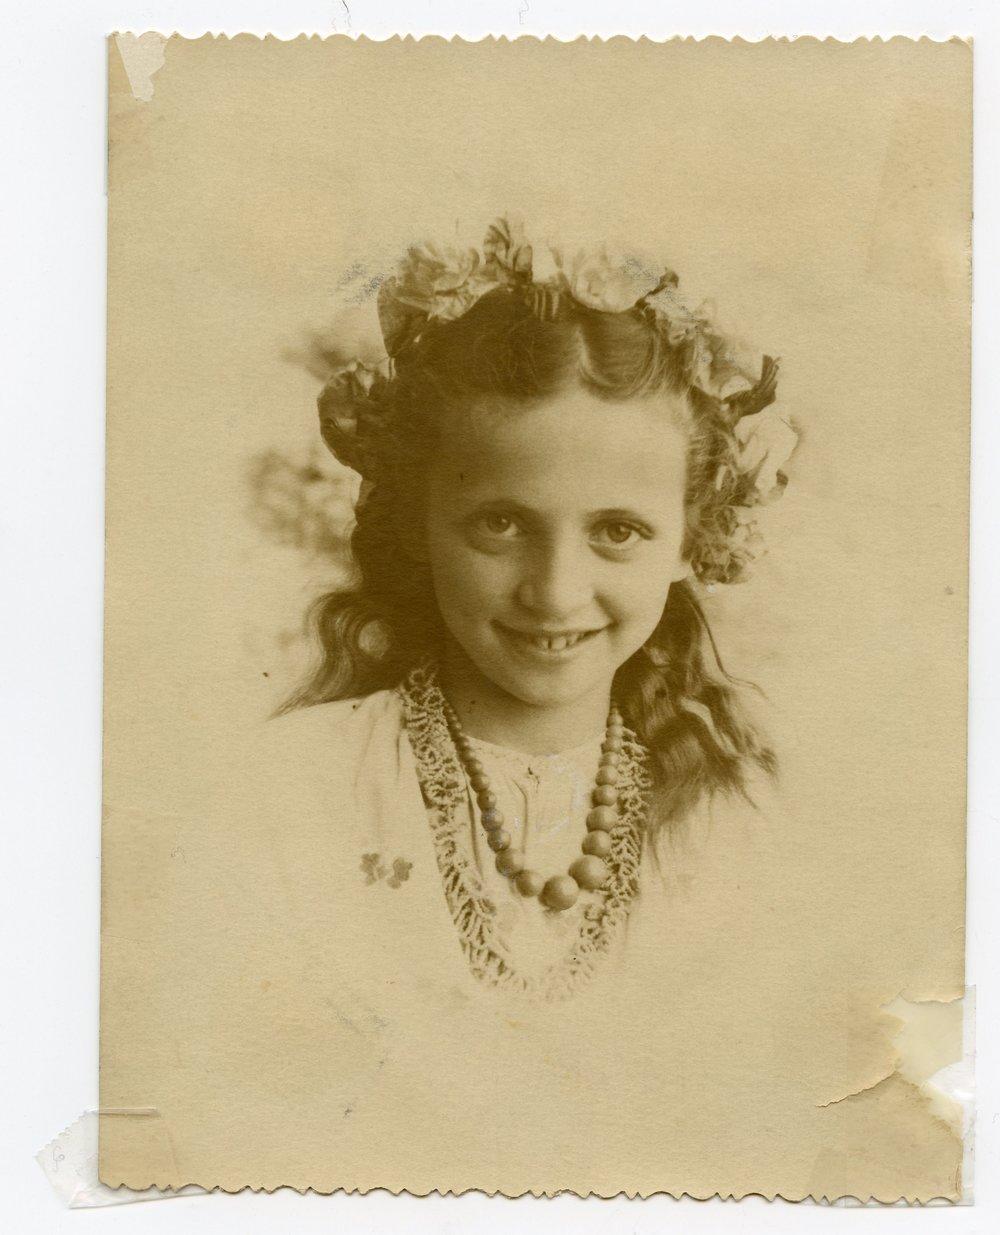 1948 - Elizaveta after the war in Kiev